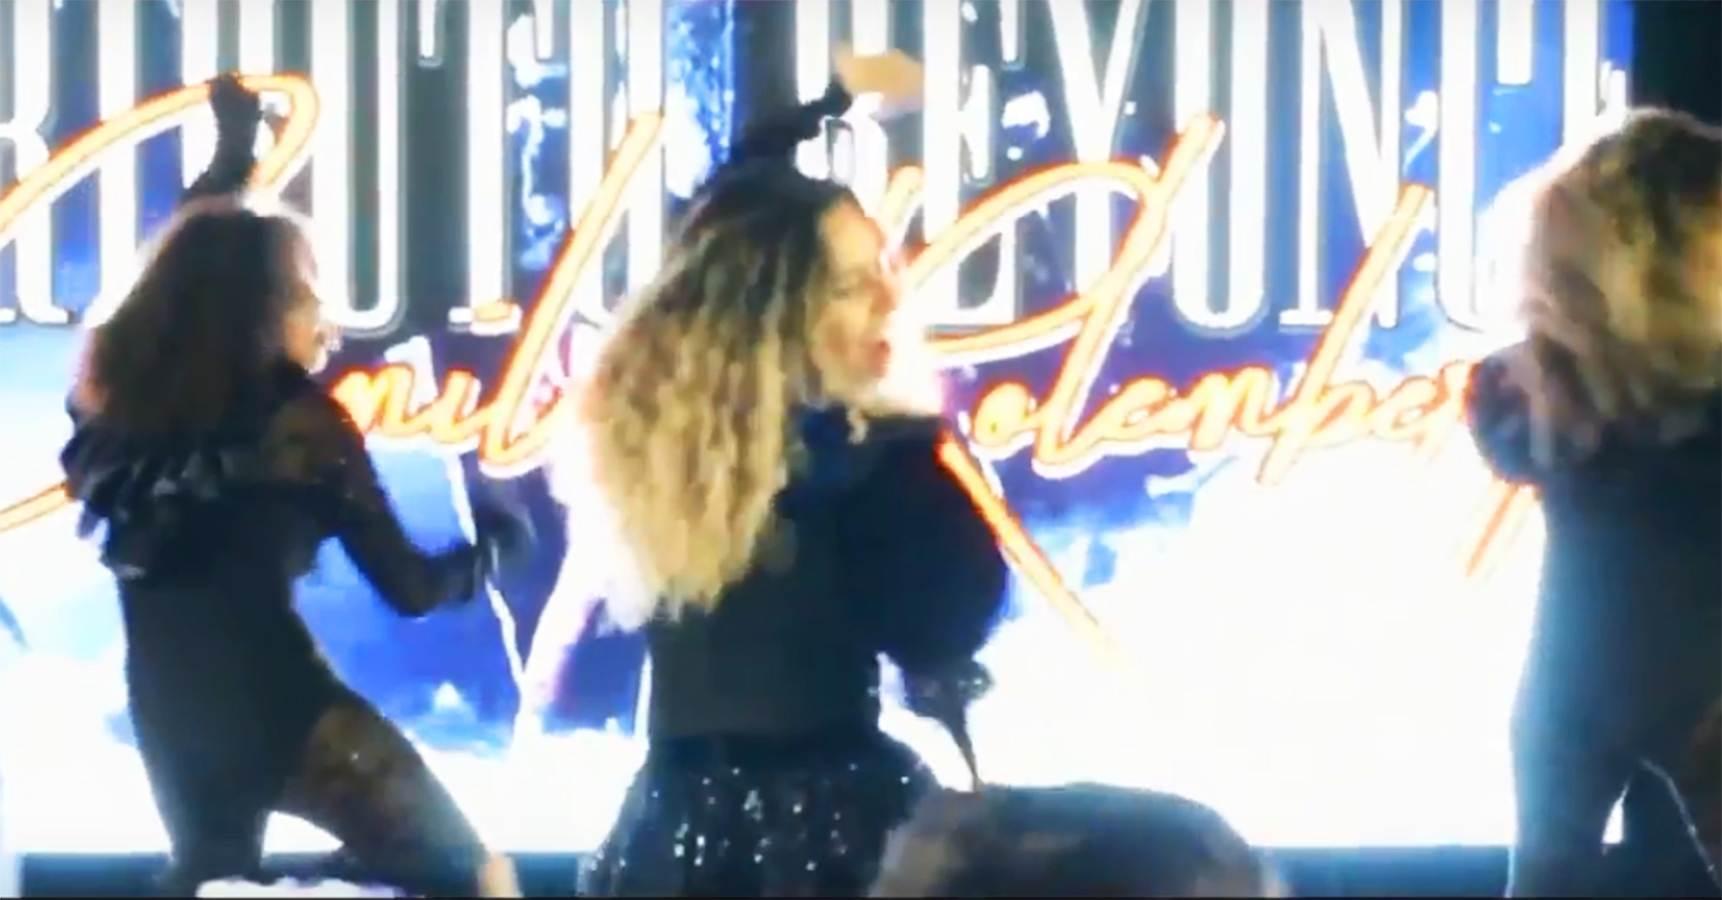 Fãs da cantora Beyoncé em Goiânia já têm programação certa para o fim de semana | Foto: Reprodução